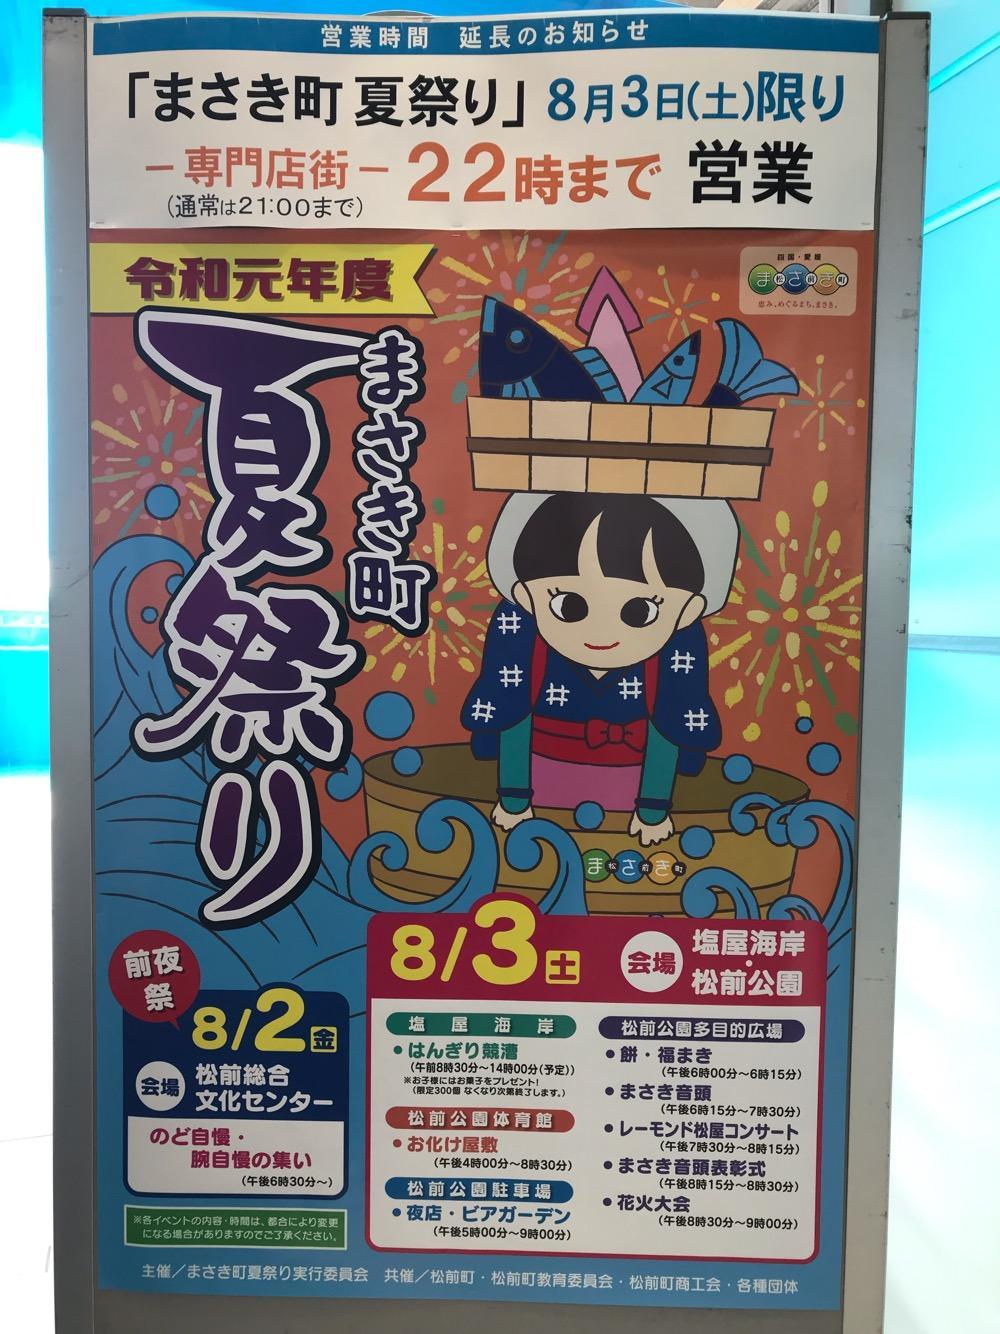 令和元年度 まさき町 夏祭りのポスターとエミフルMASAKIの8月3日の営業時間の予定